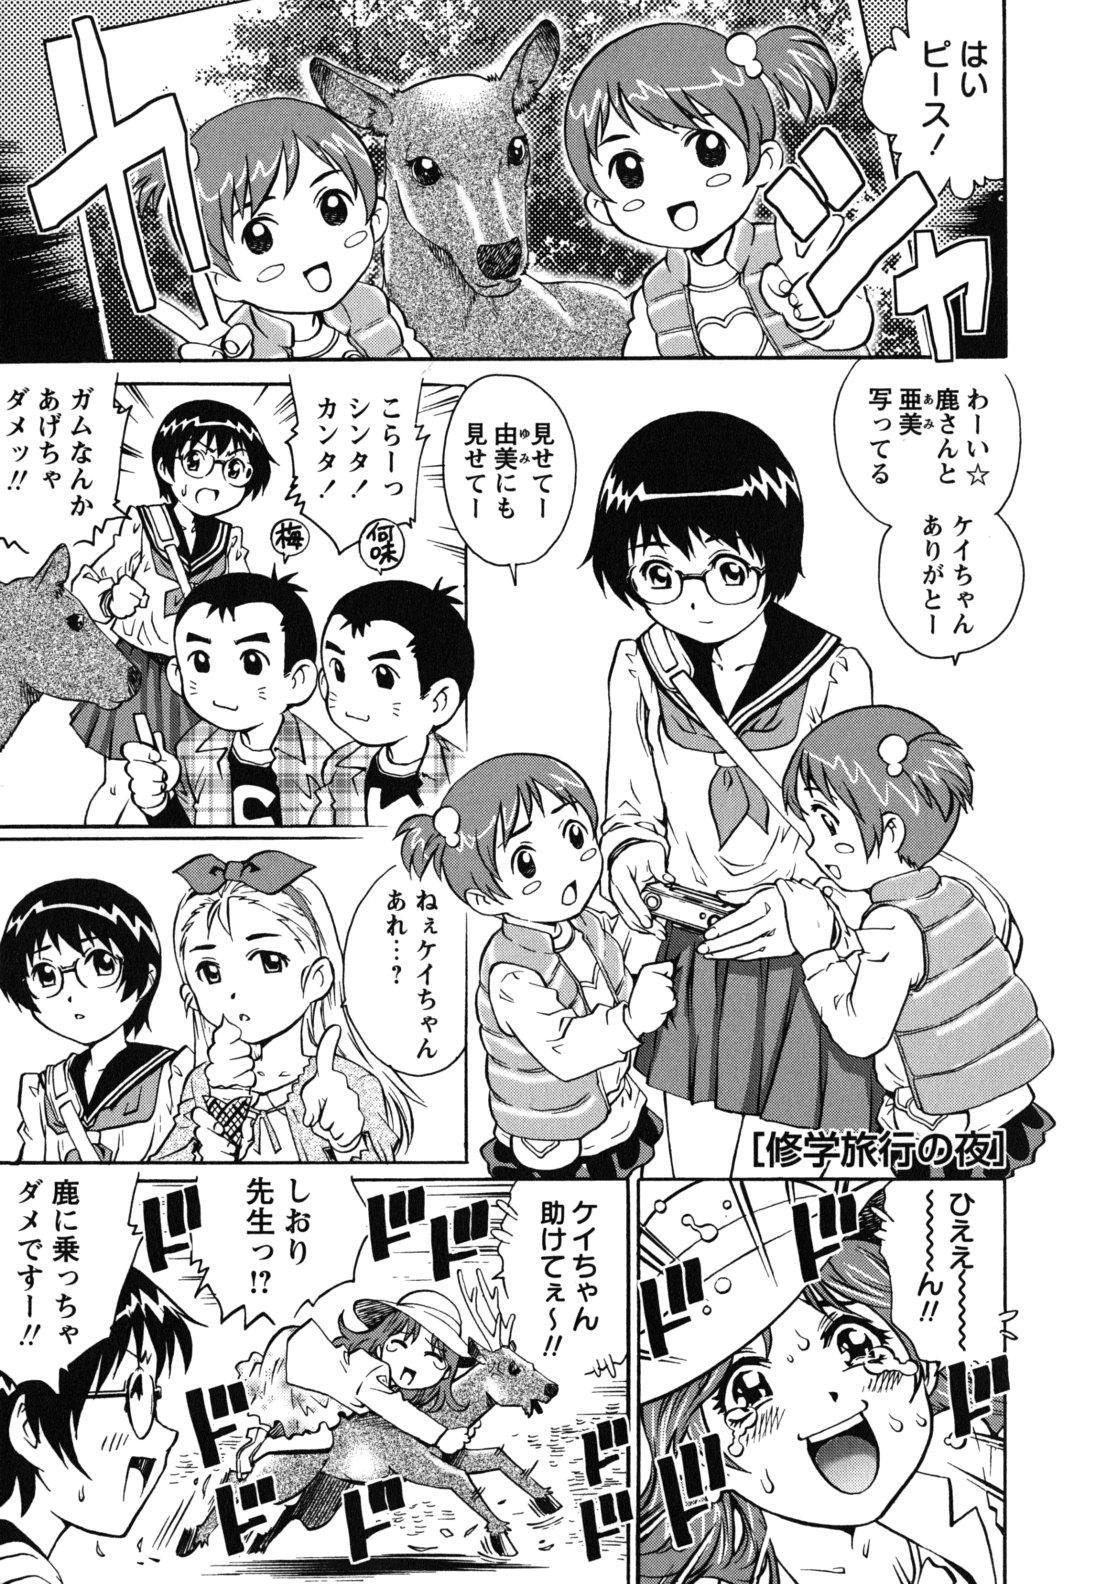 Hajimete no SEX 49